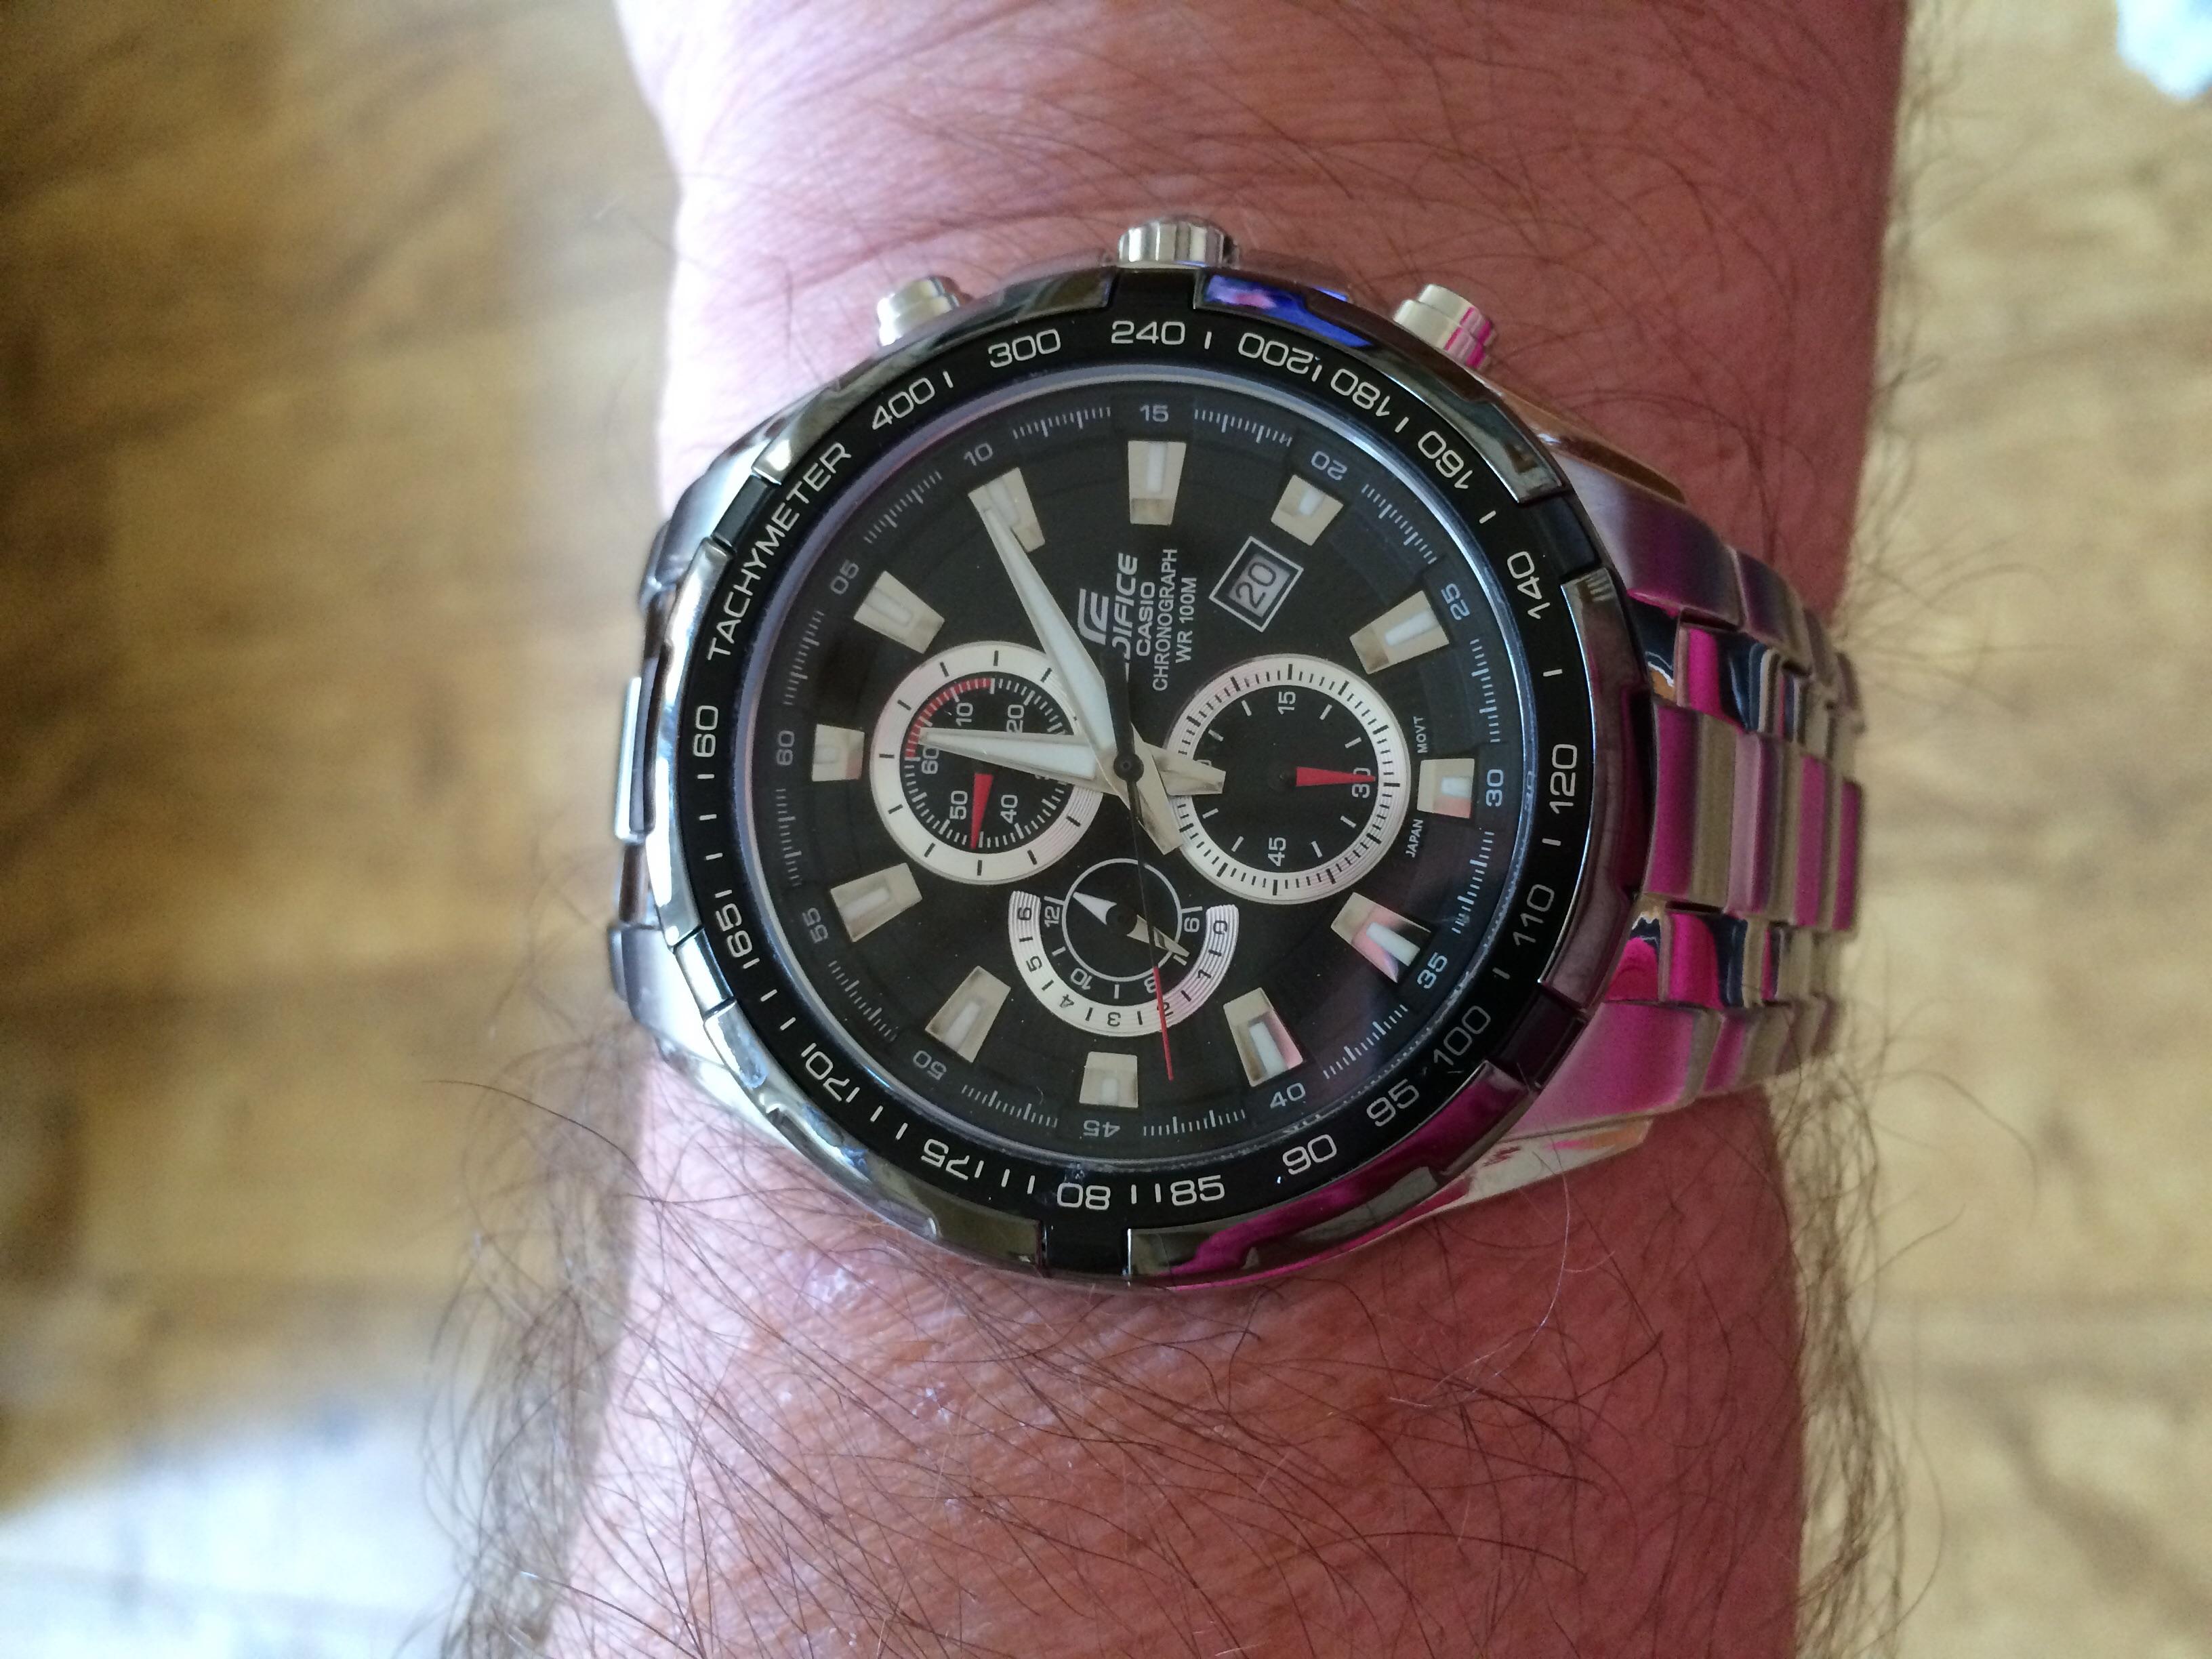 Reloj Edifice 1avef N Casio 539d Ef gv7Y6fby